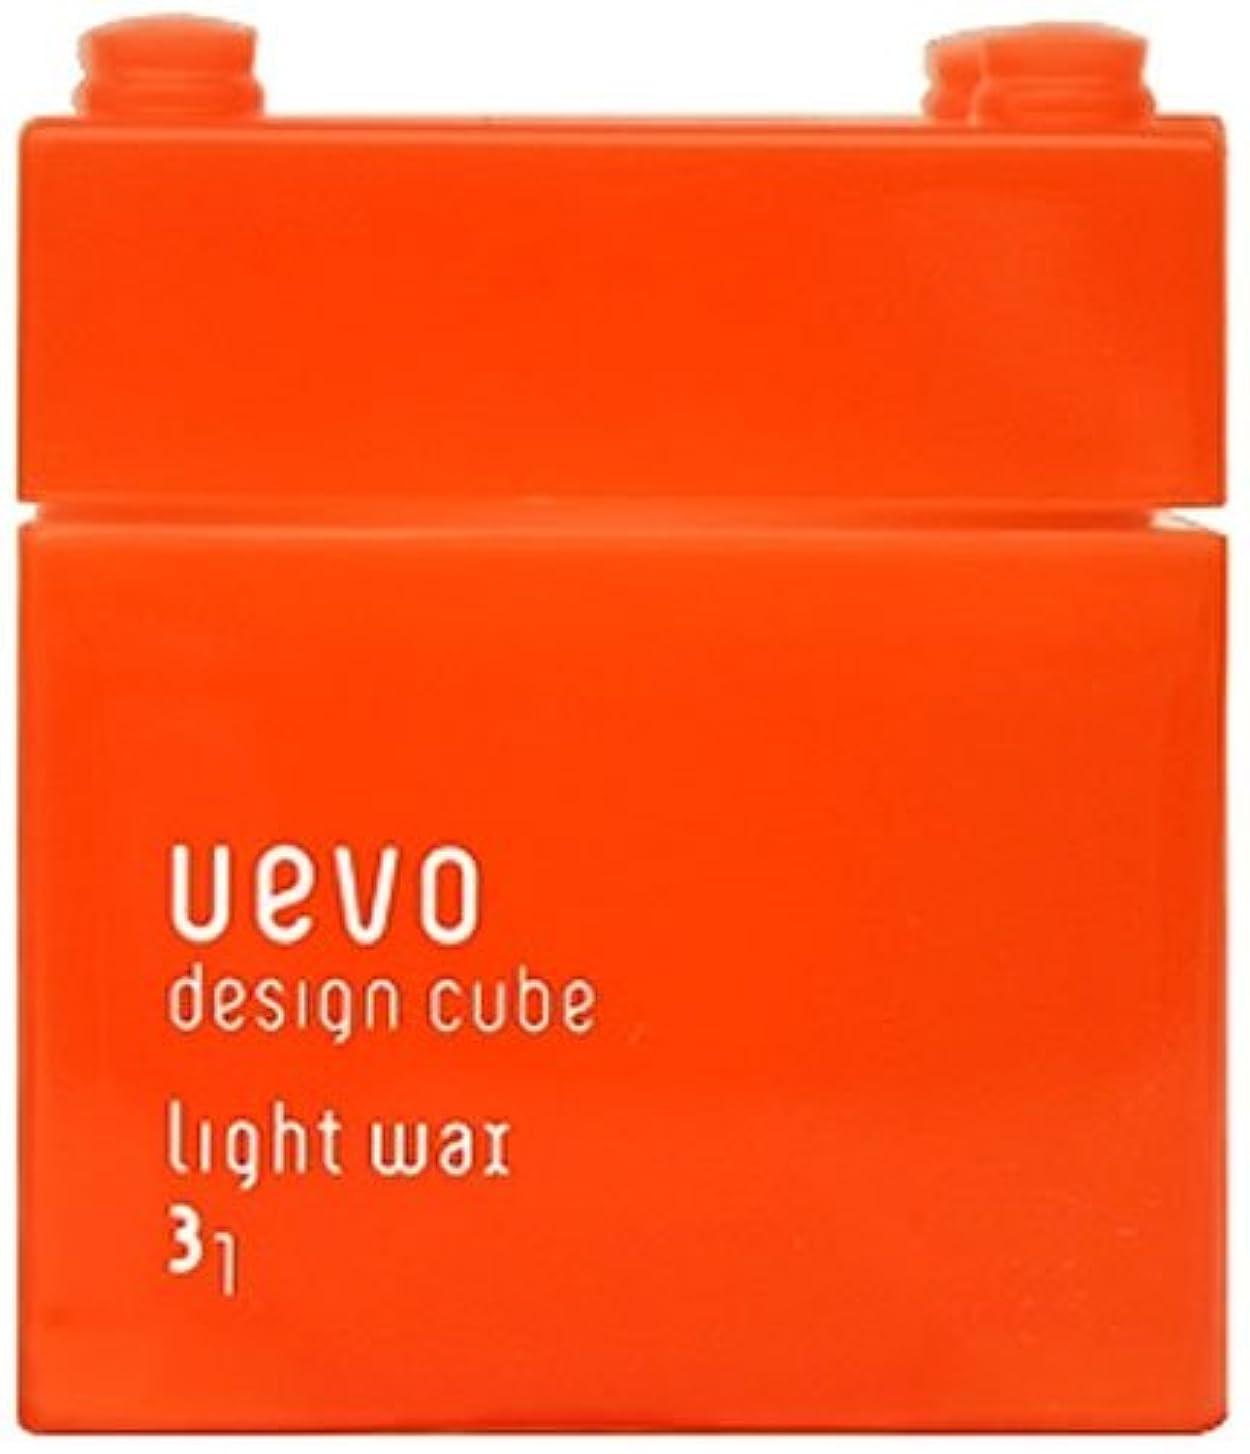 ブッシュ学生忘れっぽいウェーボ デザインキューブ ライトワックス 80g